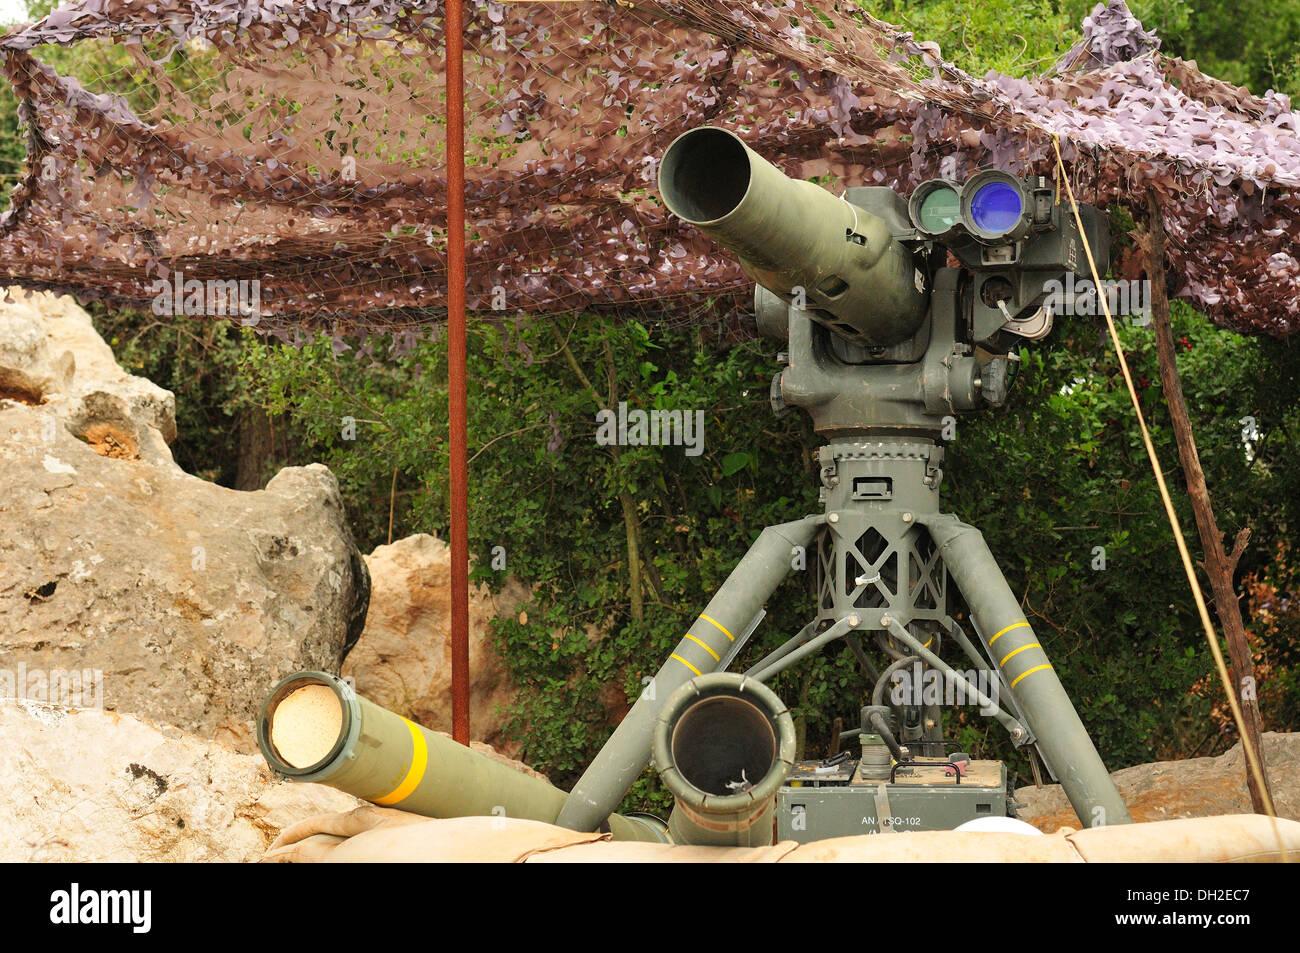 Il tubo ha lanciato otticamente trcked filo comandato BGM-71 stoppa, sviluppato negli Stati Uniti, Mleeta, Museo di Hezbollah, Sud Libano Immagini Stock